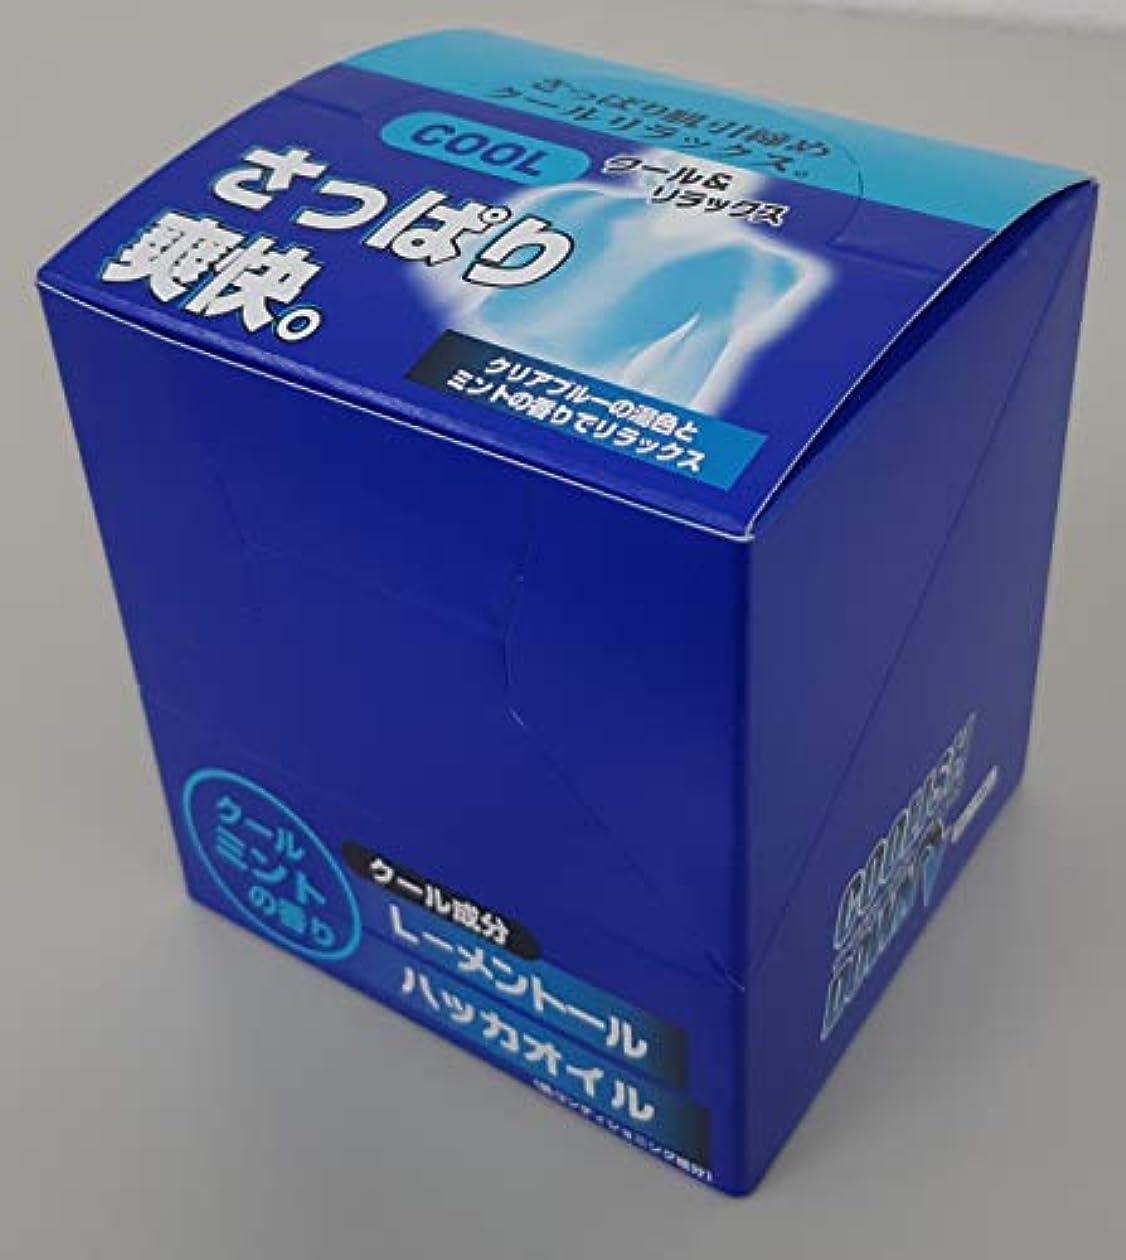 ファイル顔料言うまでもなく五洲薬品 クーリッシュダウン 25g×10包入